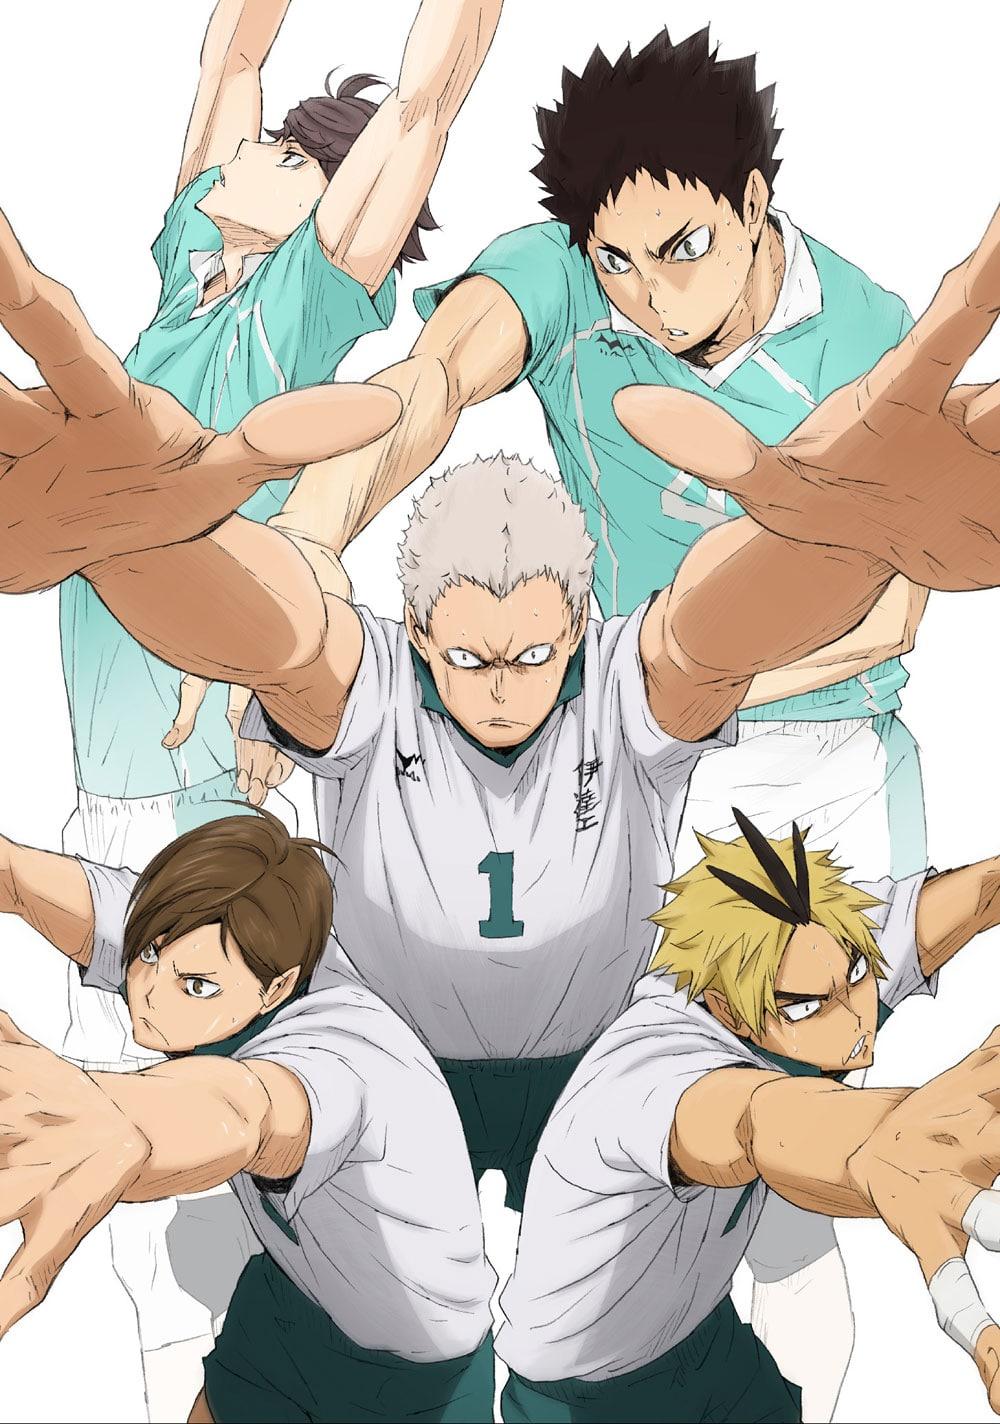 ハイキュー!! セカンドシーズン Vol.7 Blu-ray 初回生産限定版